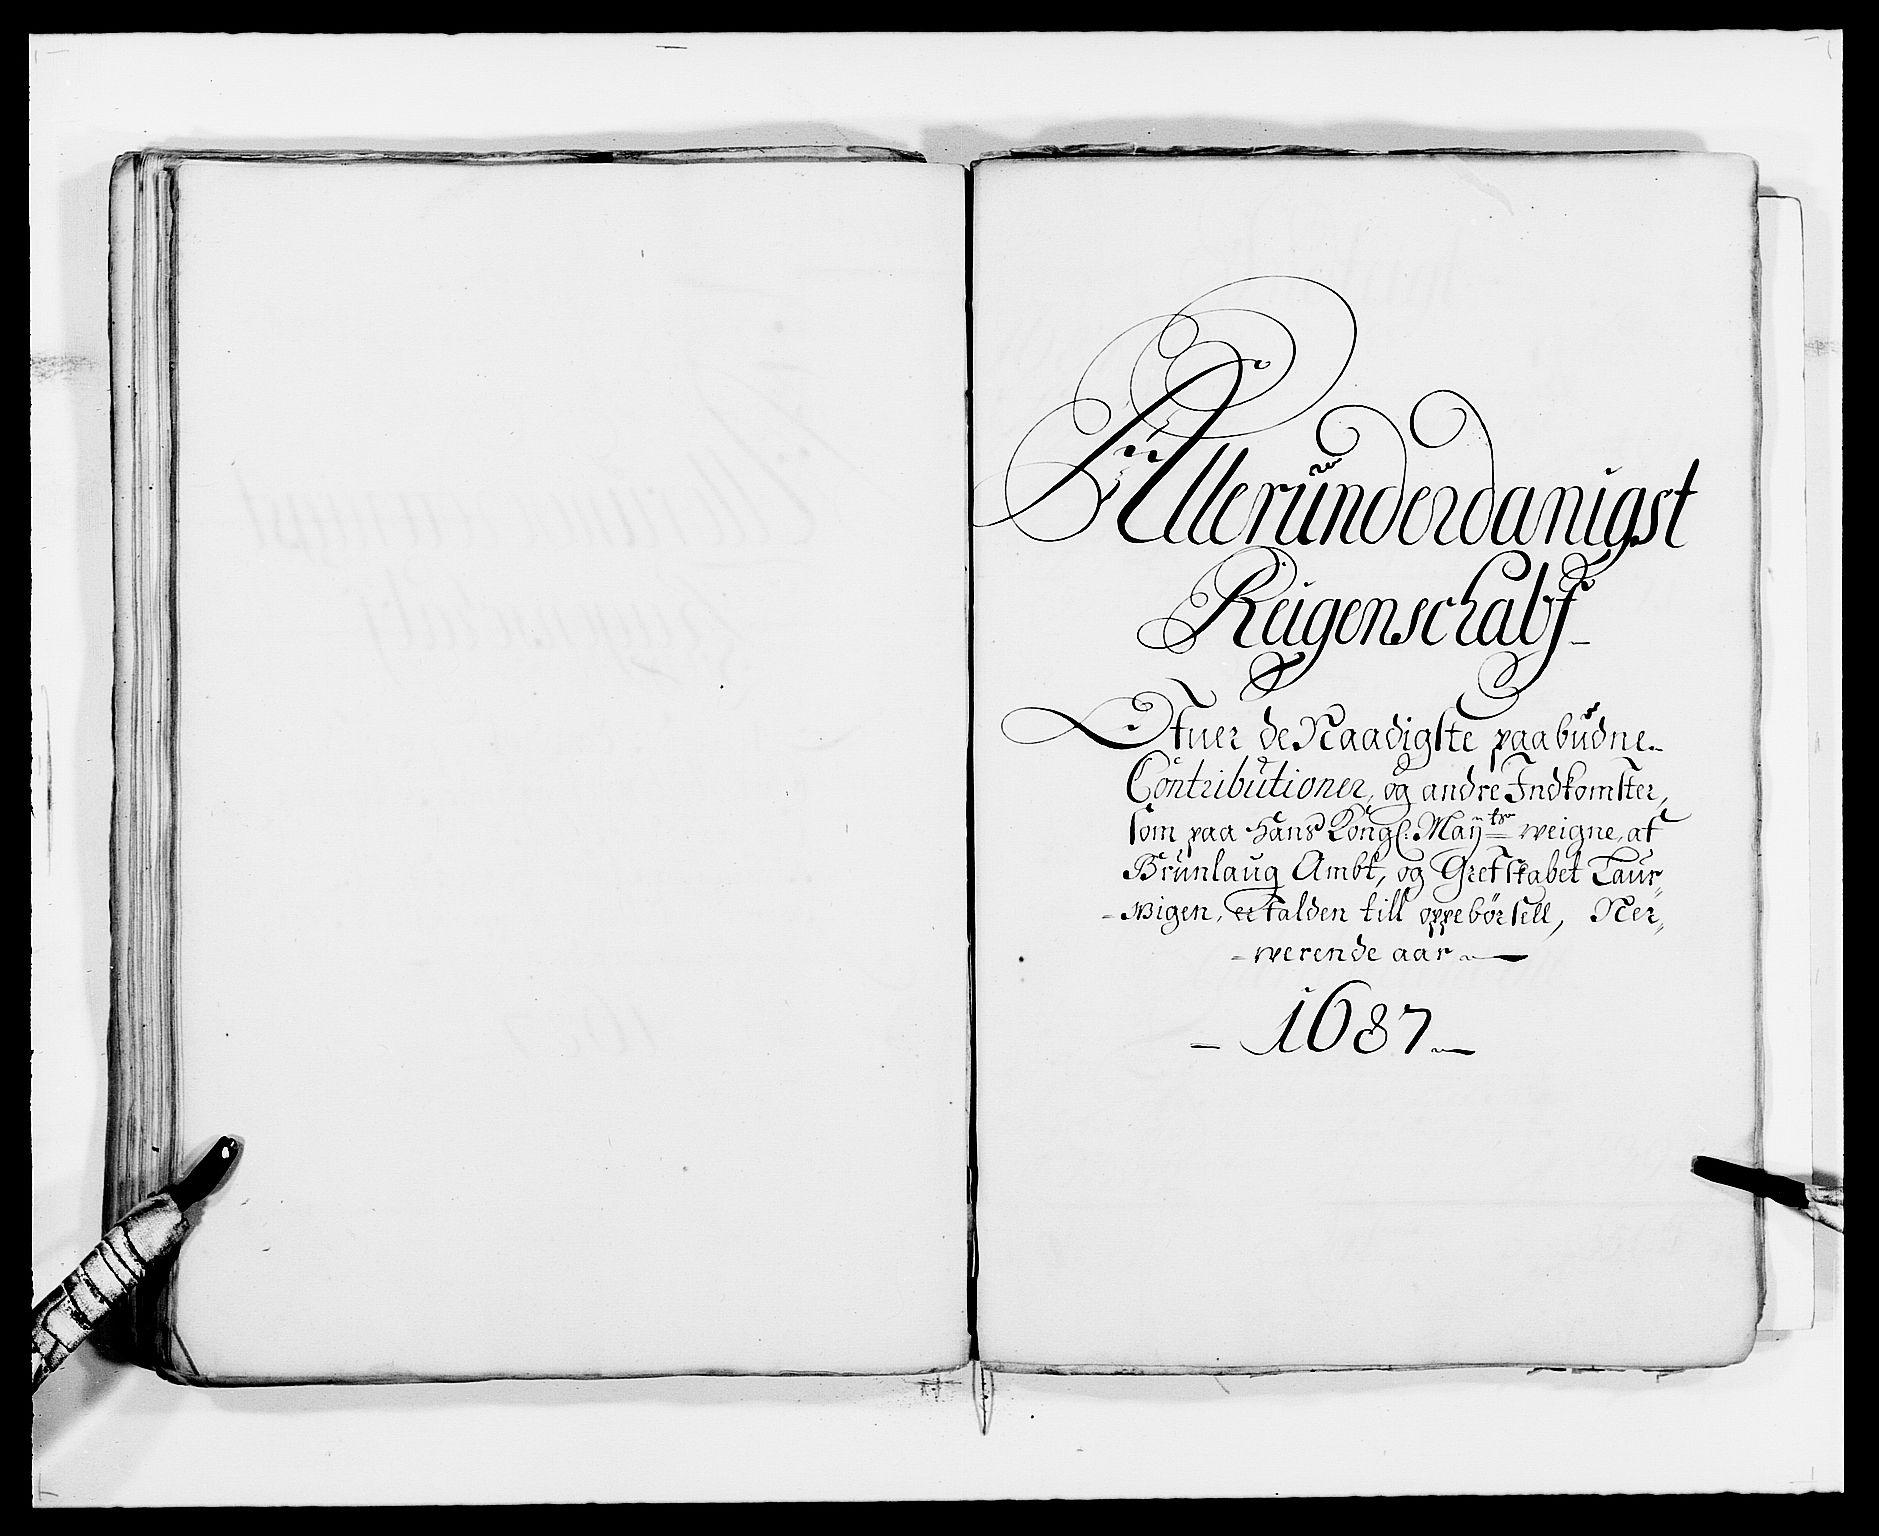 RA, Rentekammeret inntil 1814, Reviderte regnskaper, Fogderegnskap, R33/L1967: Fogderegnskap Larvik grevskap, 1675-1687, s. 73